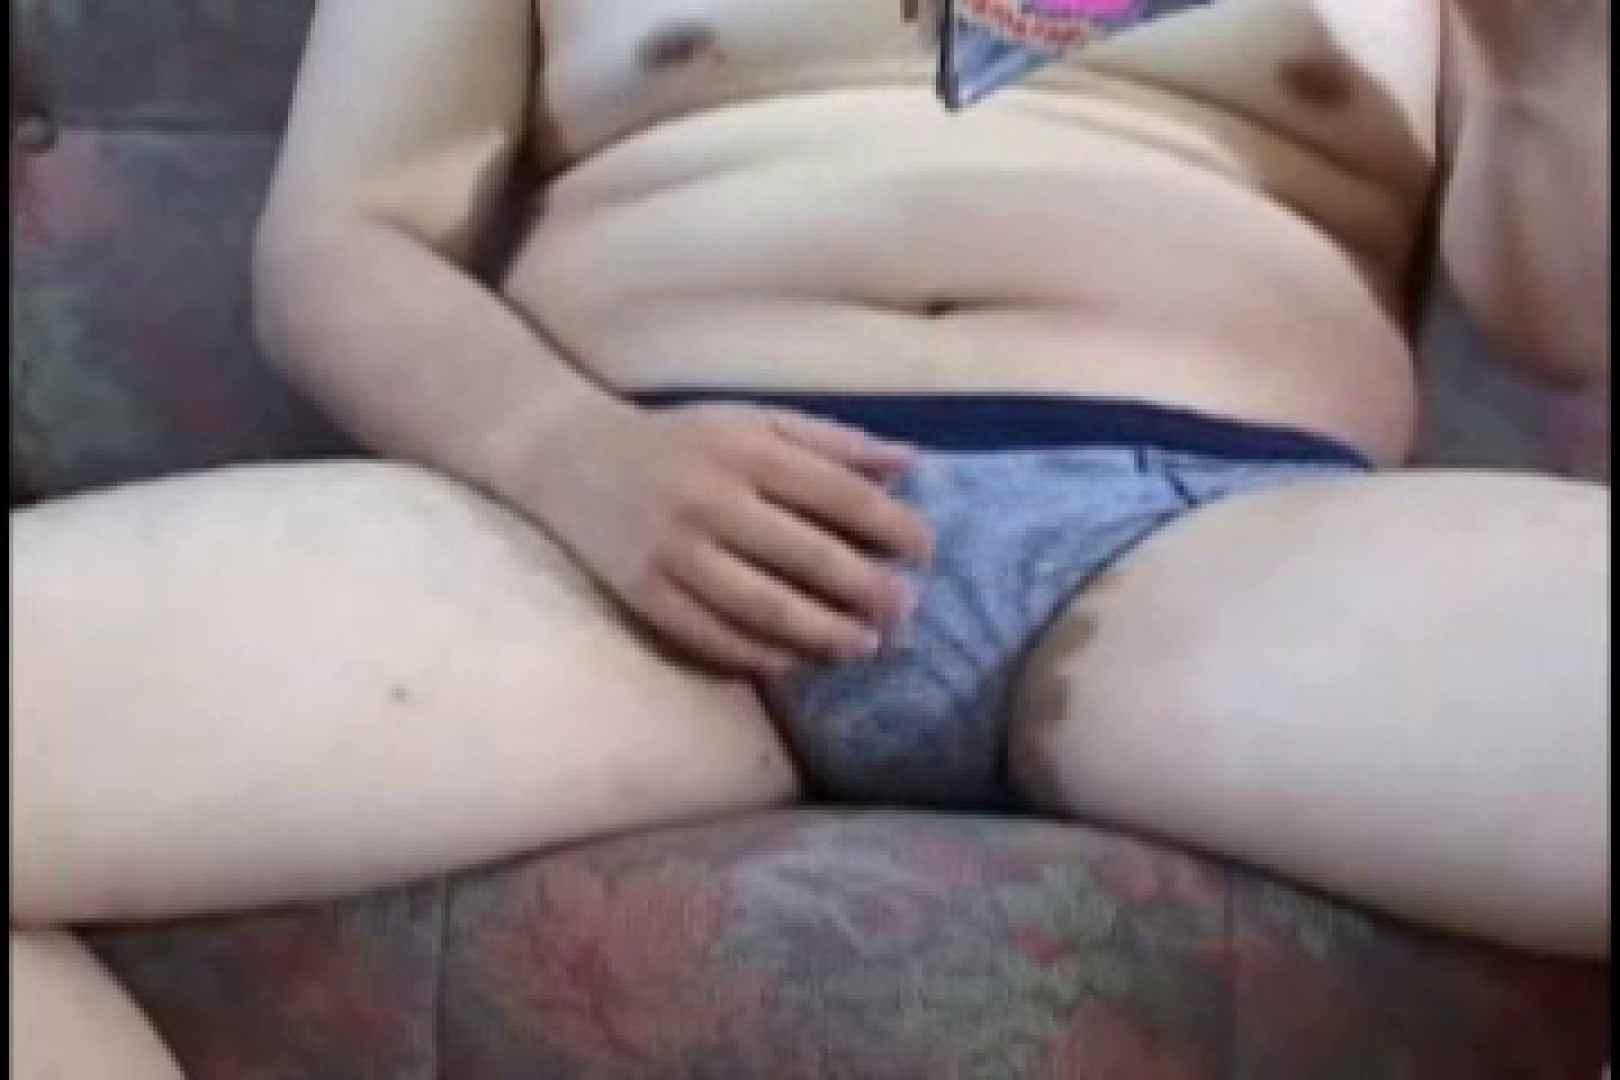 小太りボーイの孫の手オナニー シコシコ 男同士動画 70画像 32